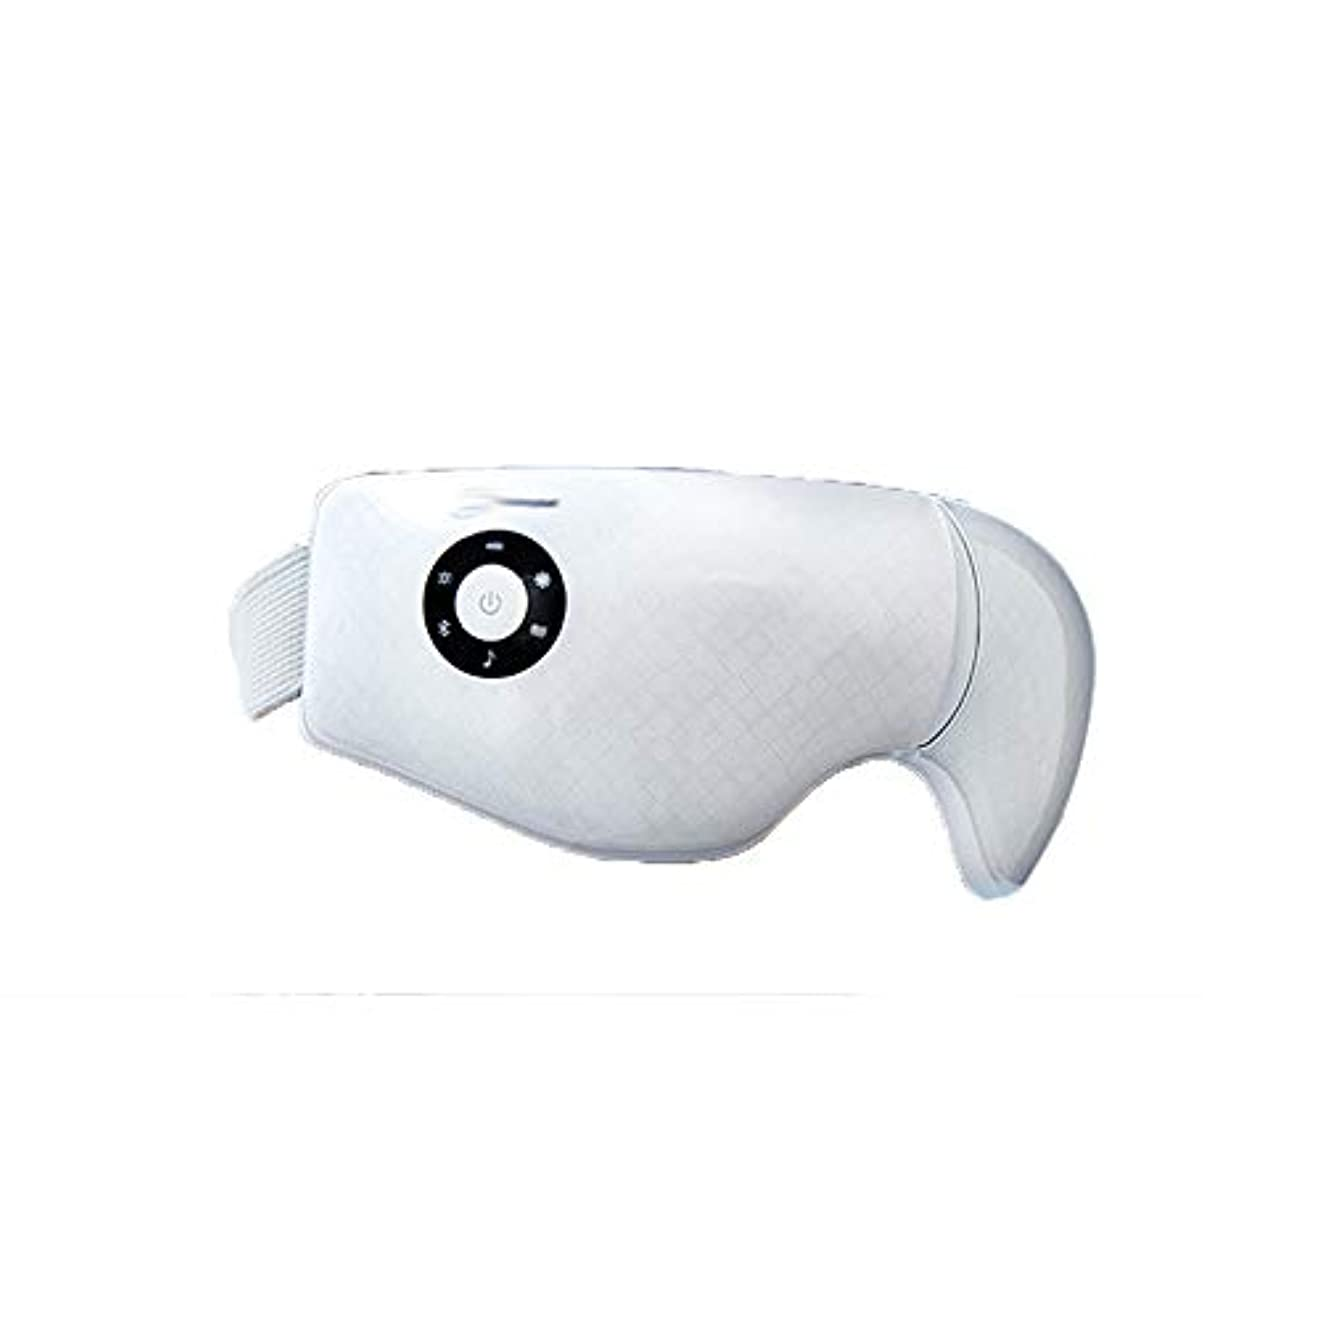 鼓舞するスキム推進力マッサージャー - マッサージャーは、黒丸を回復するために近視をホット圧縮します (色 : 白)